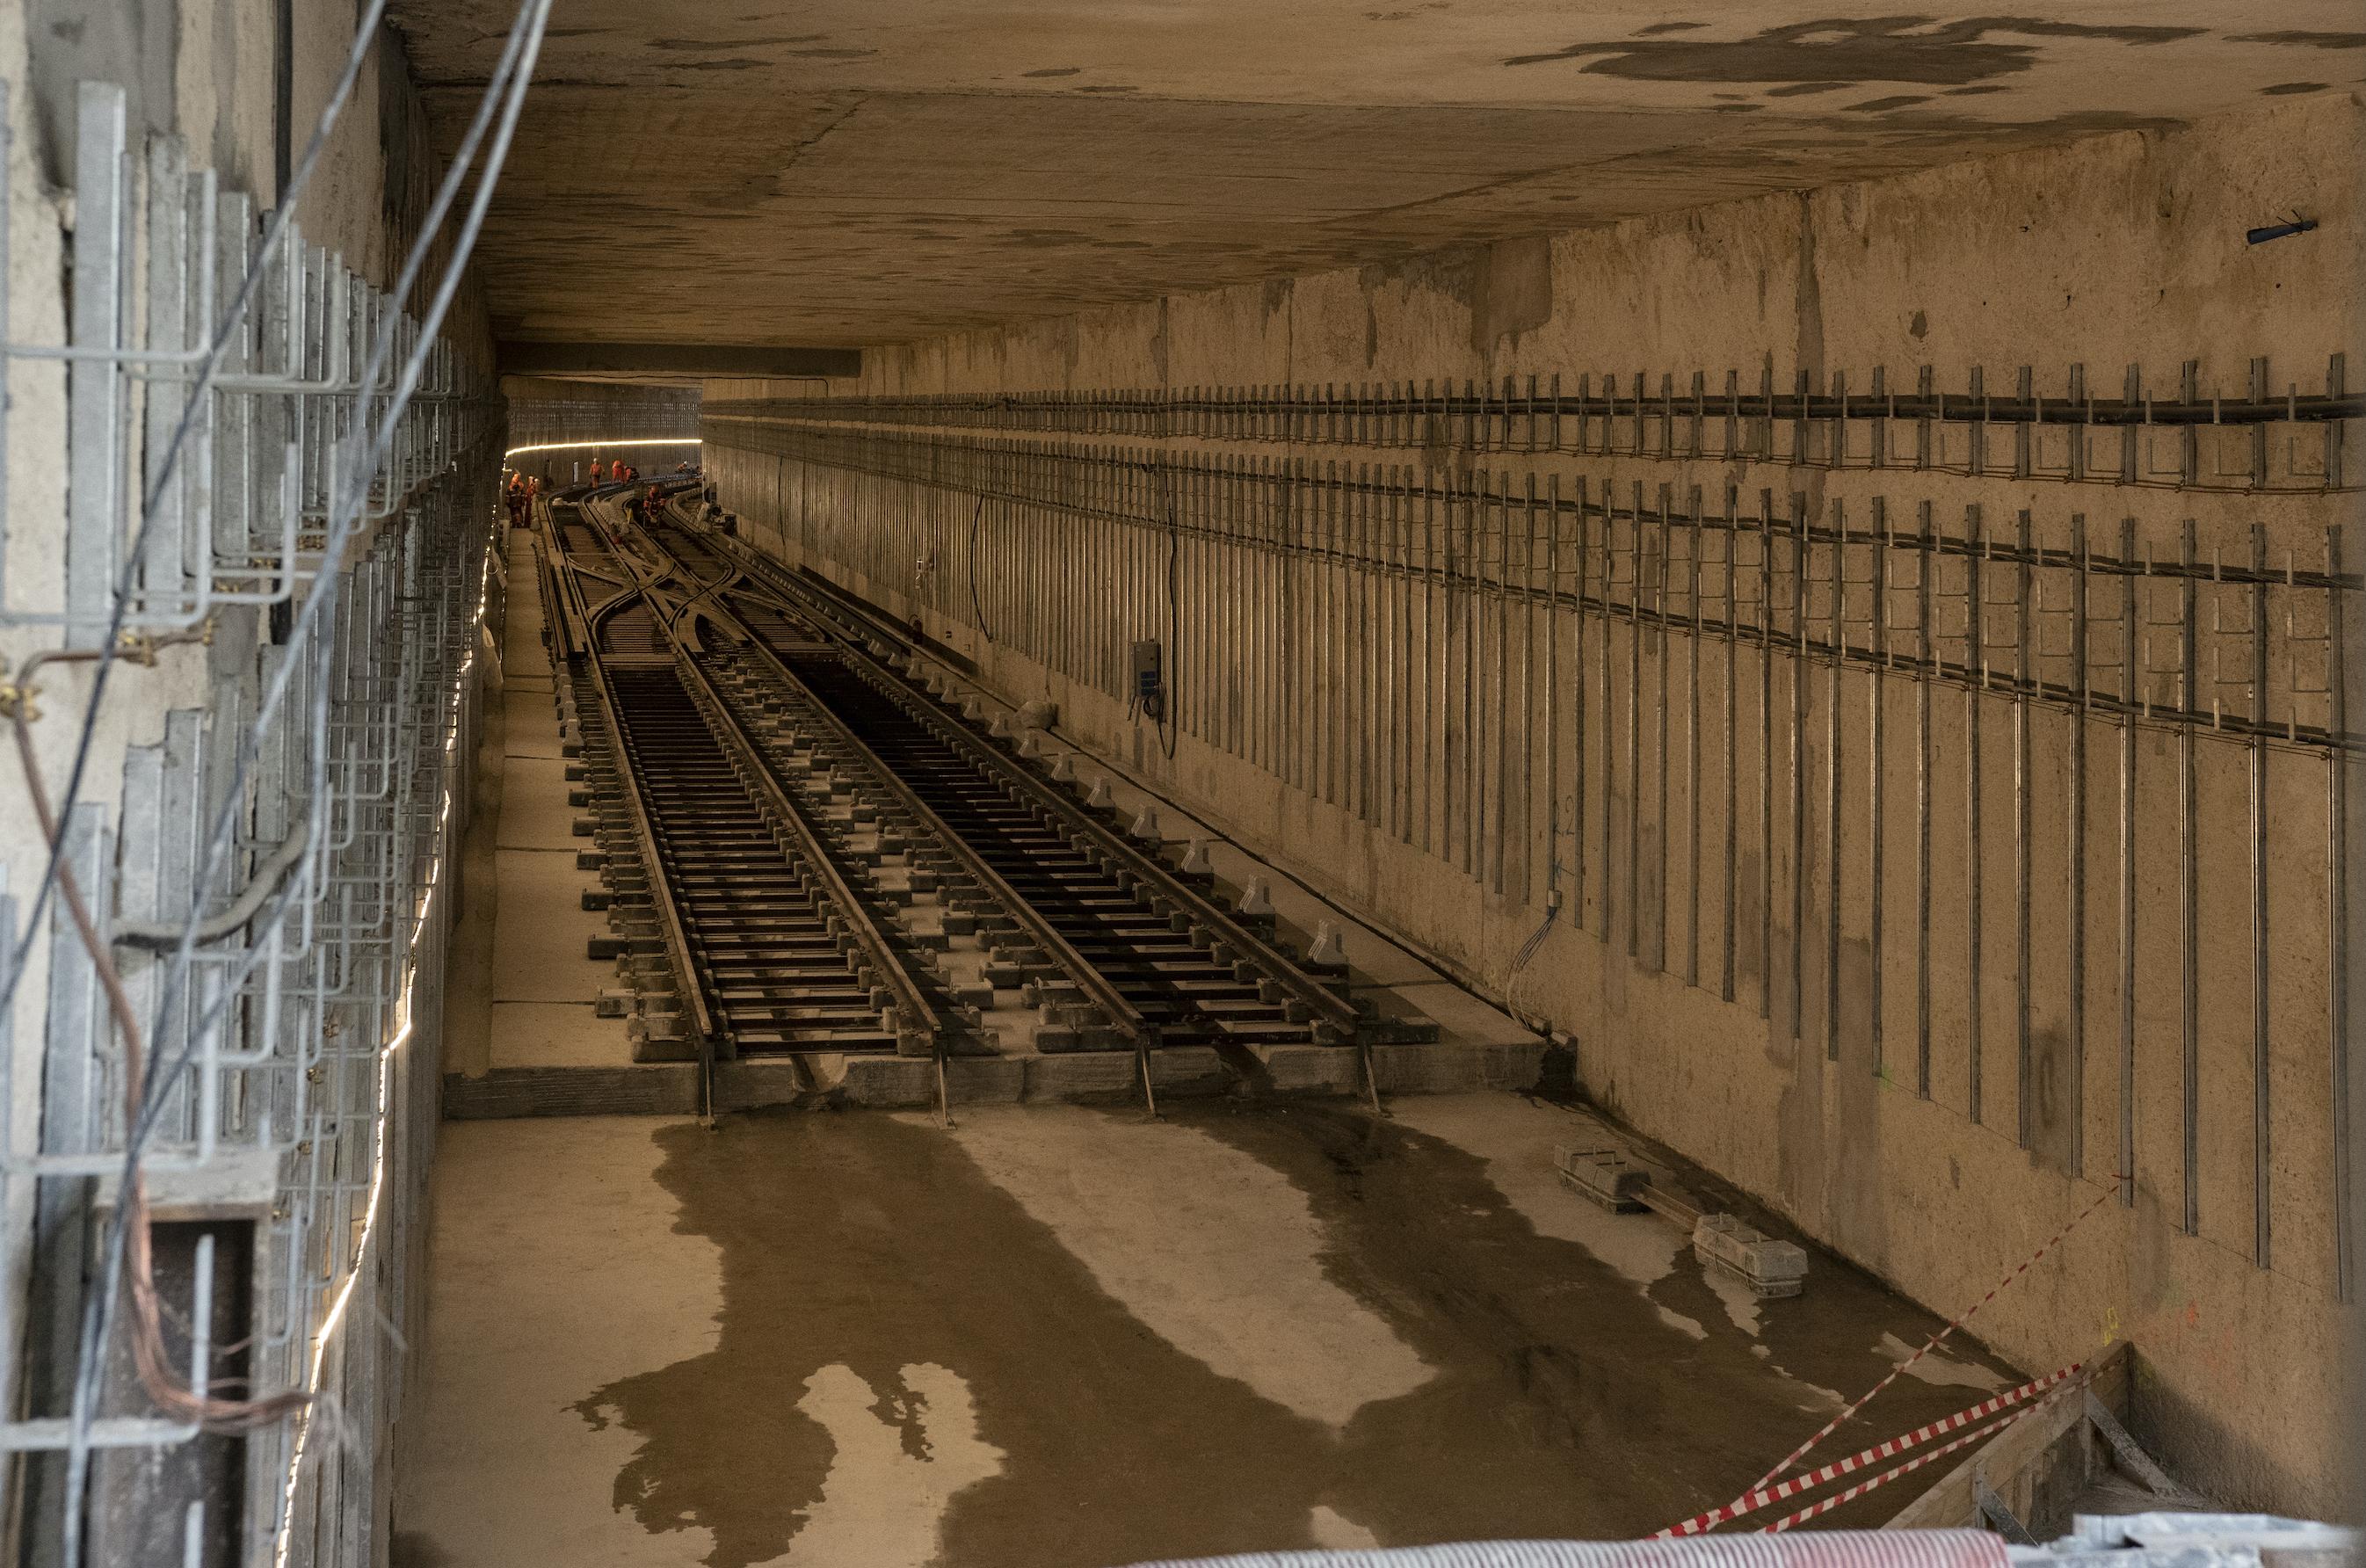 Photo de la pose des voies dans le tunnel de raccordement à Aéroport d'Orly, en décembre 2020